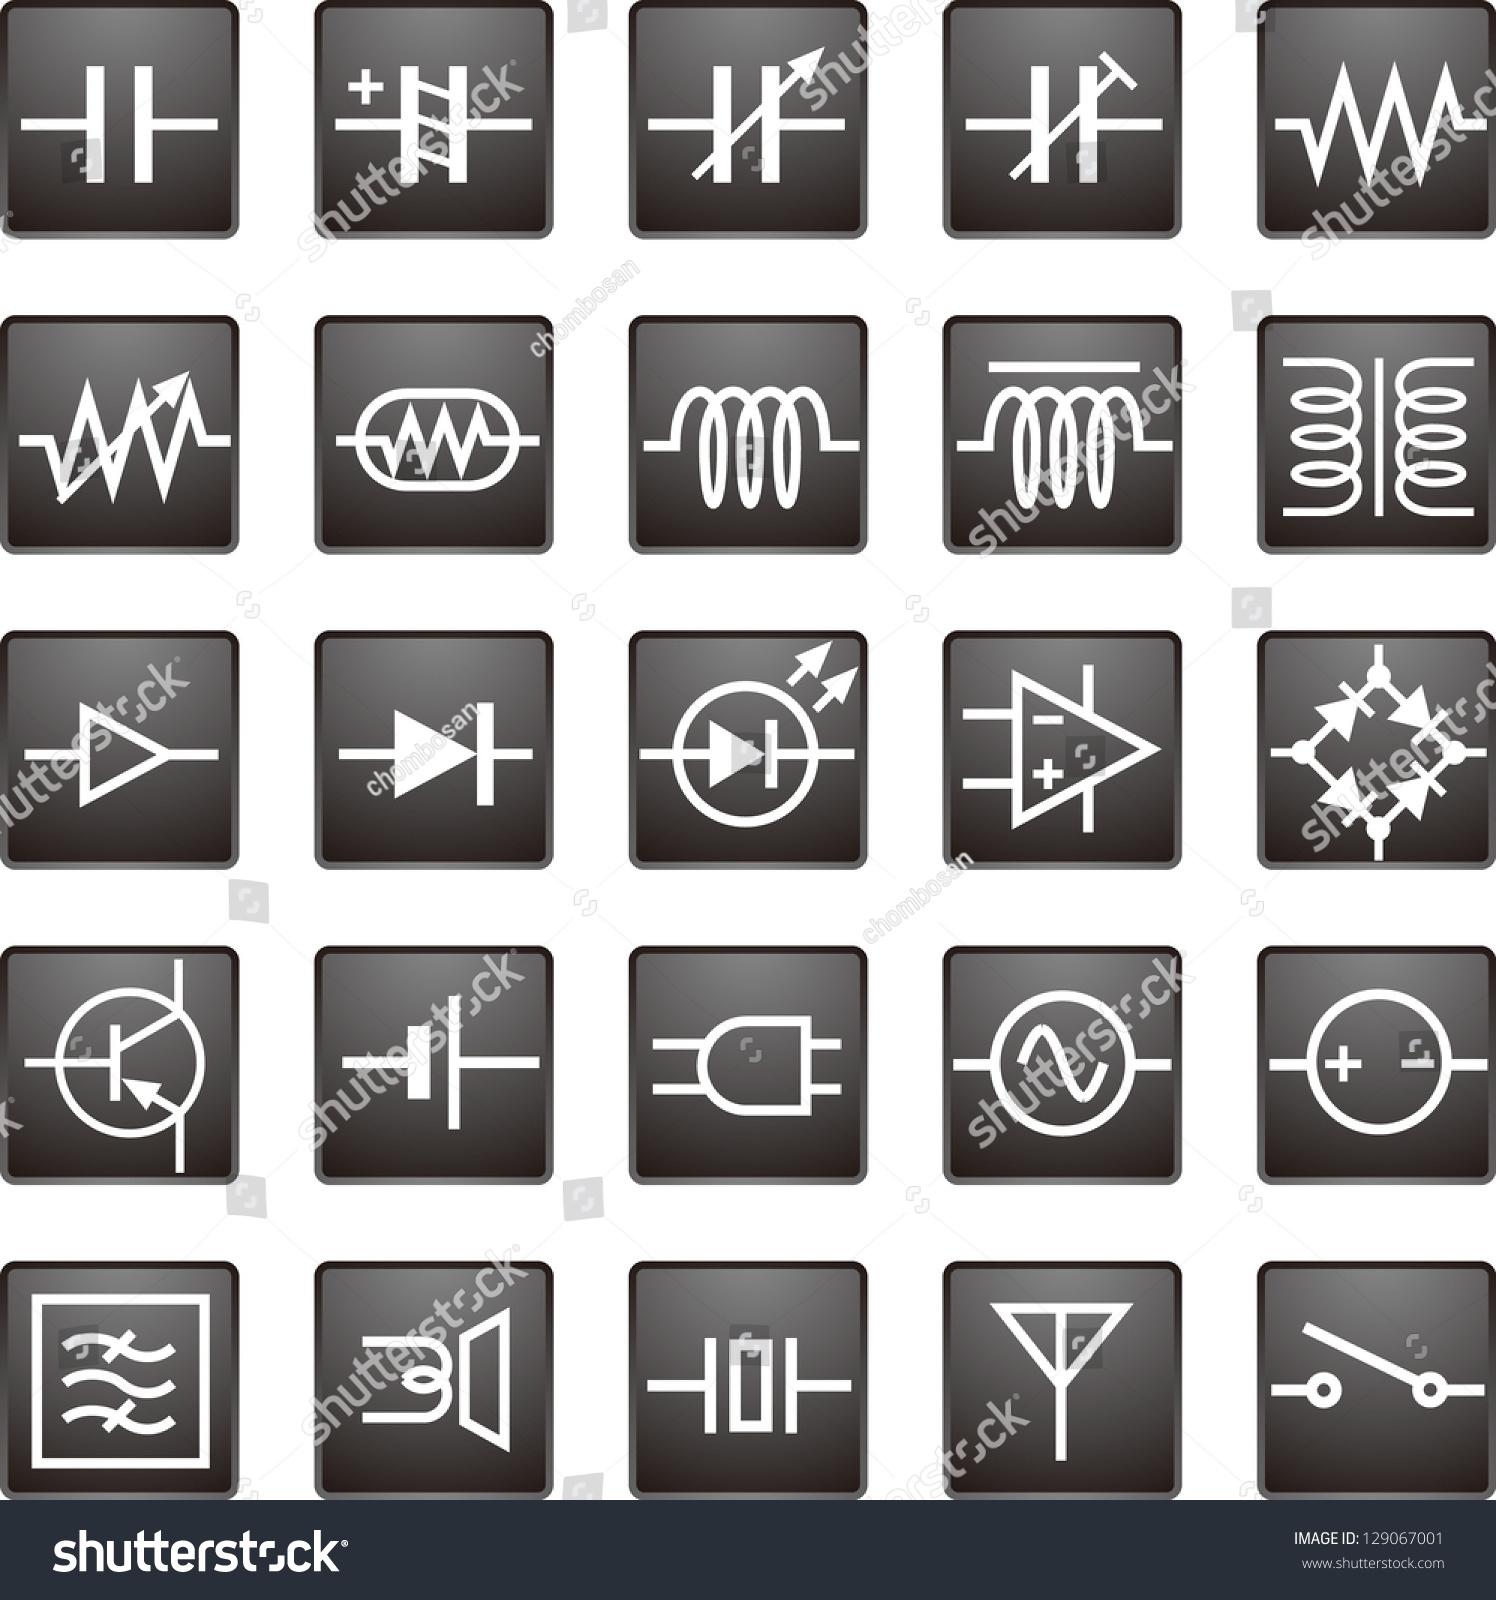 电路符号矢量图标